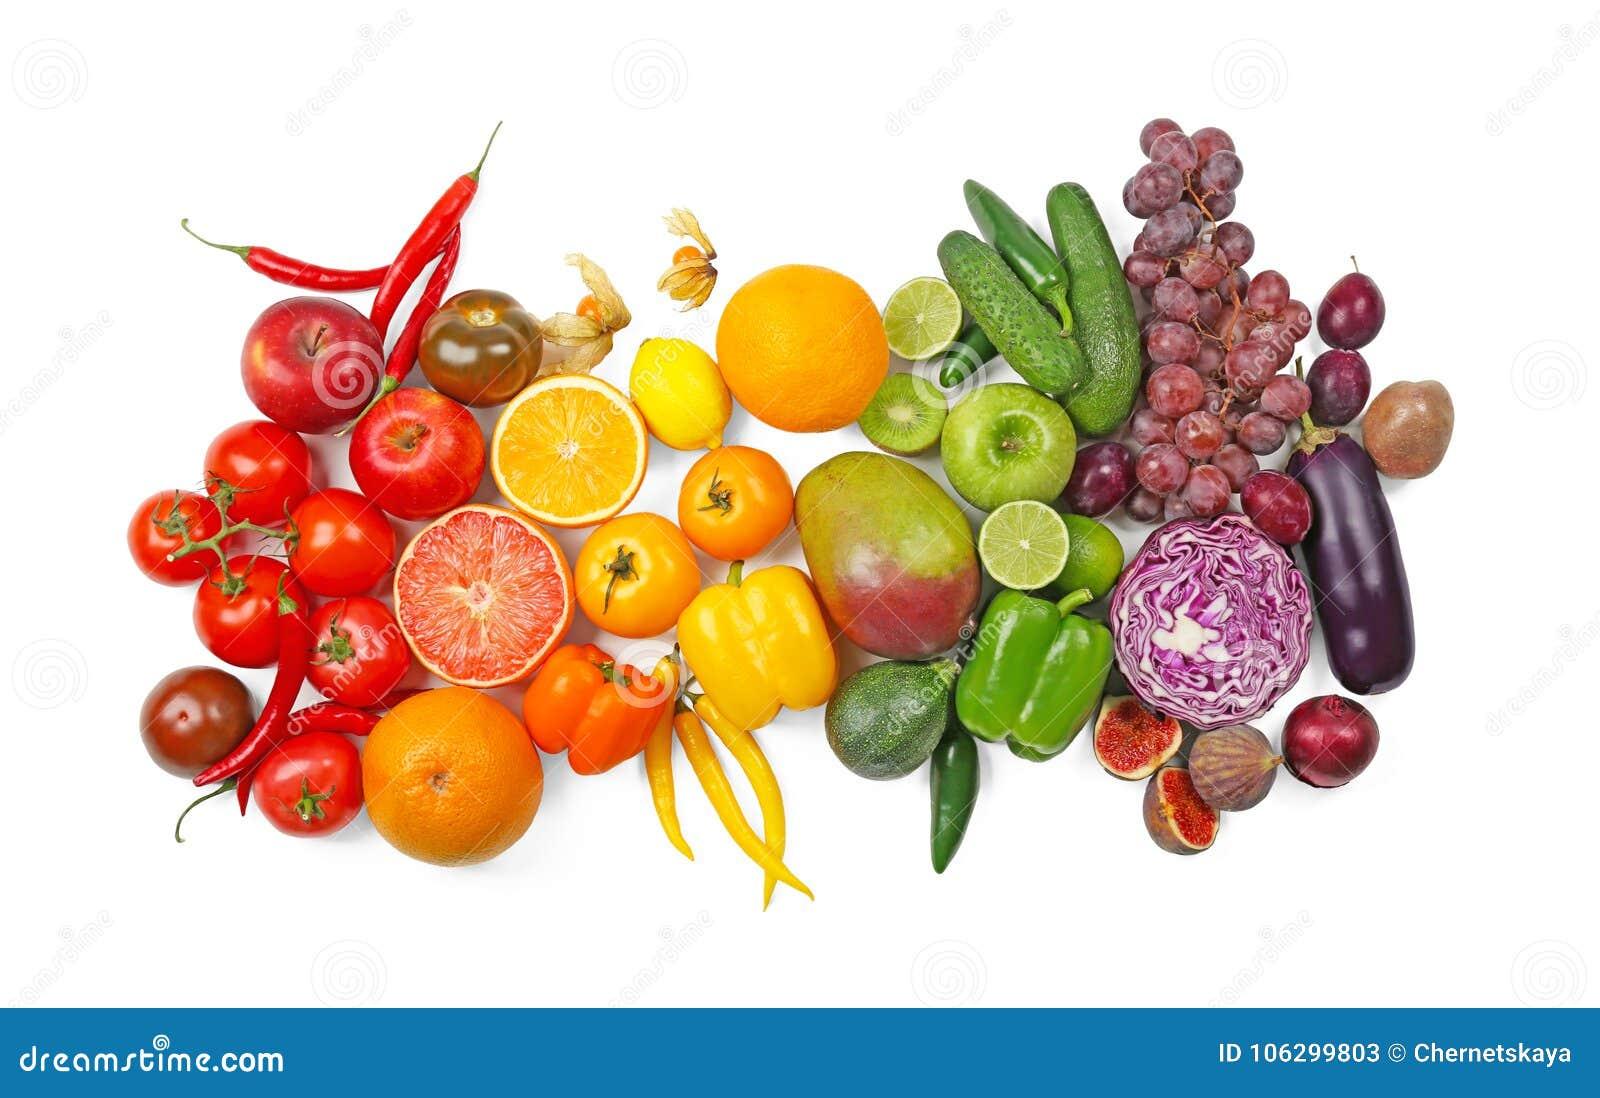 Wiele różni owoc i warzywo